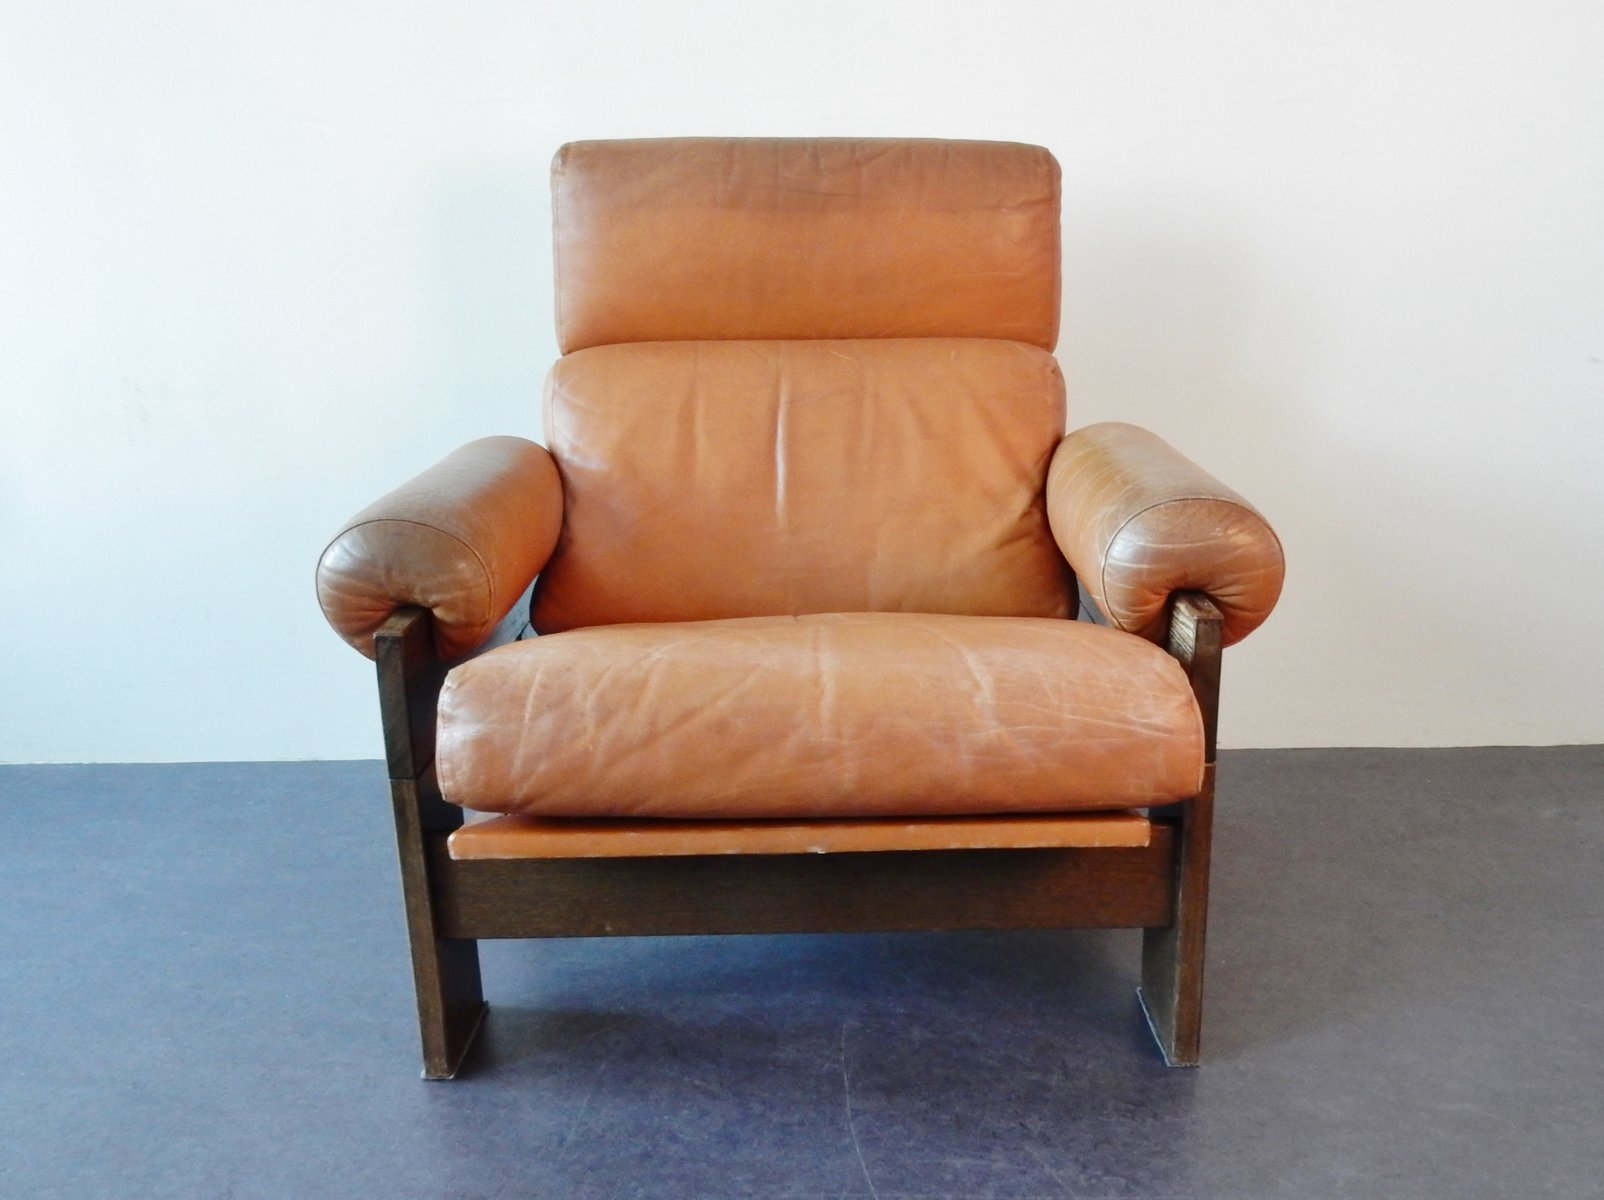 Vintage Modell SZ74 Sessel von Martin Visser für ´t Spectrum